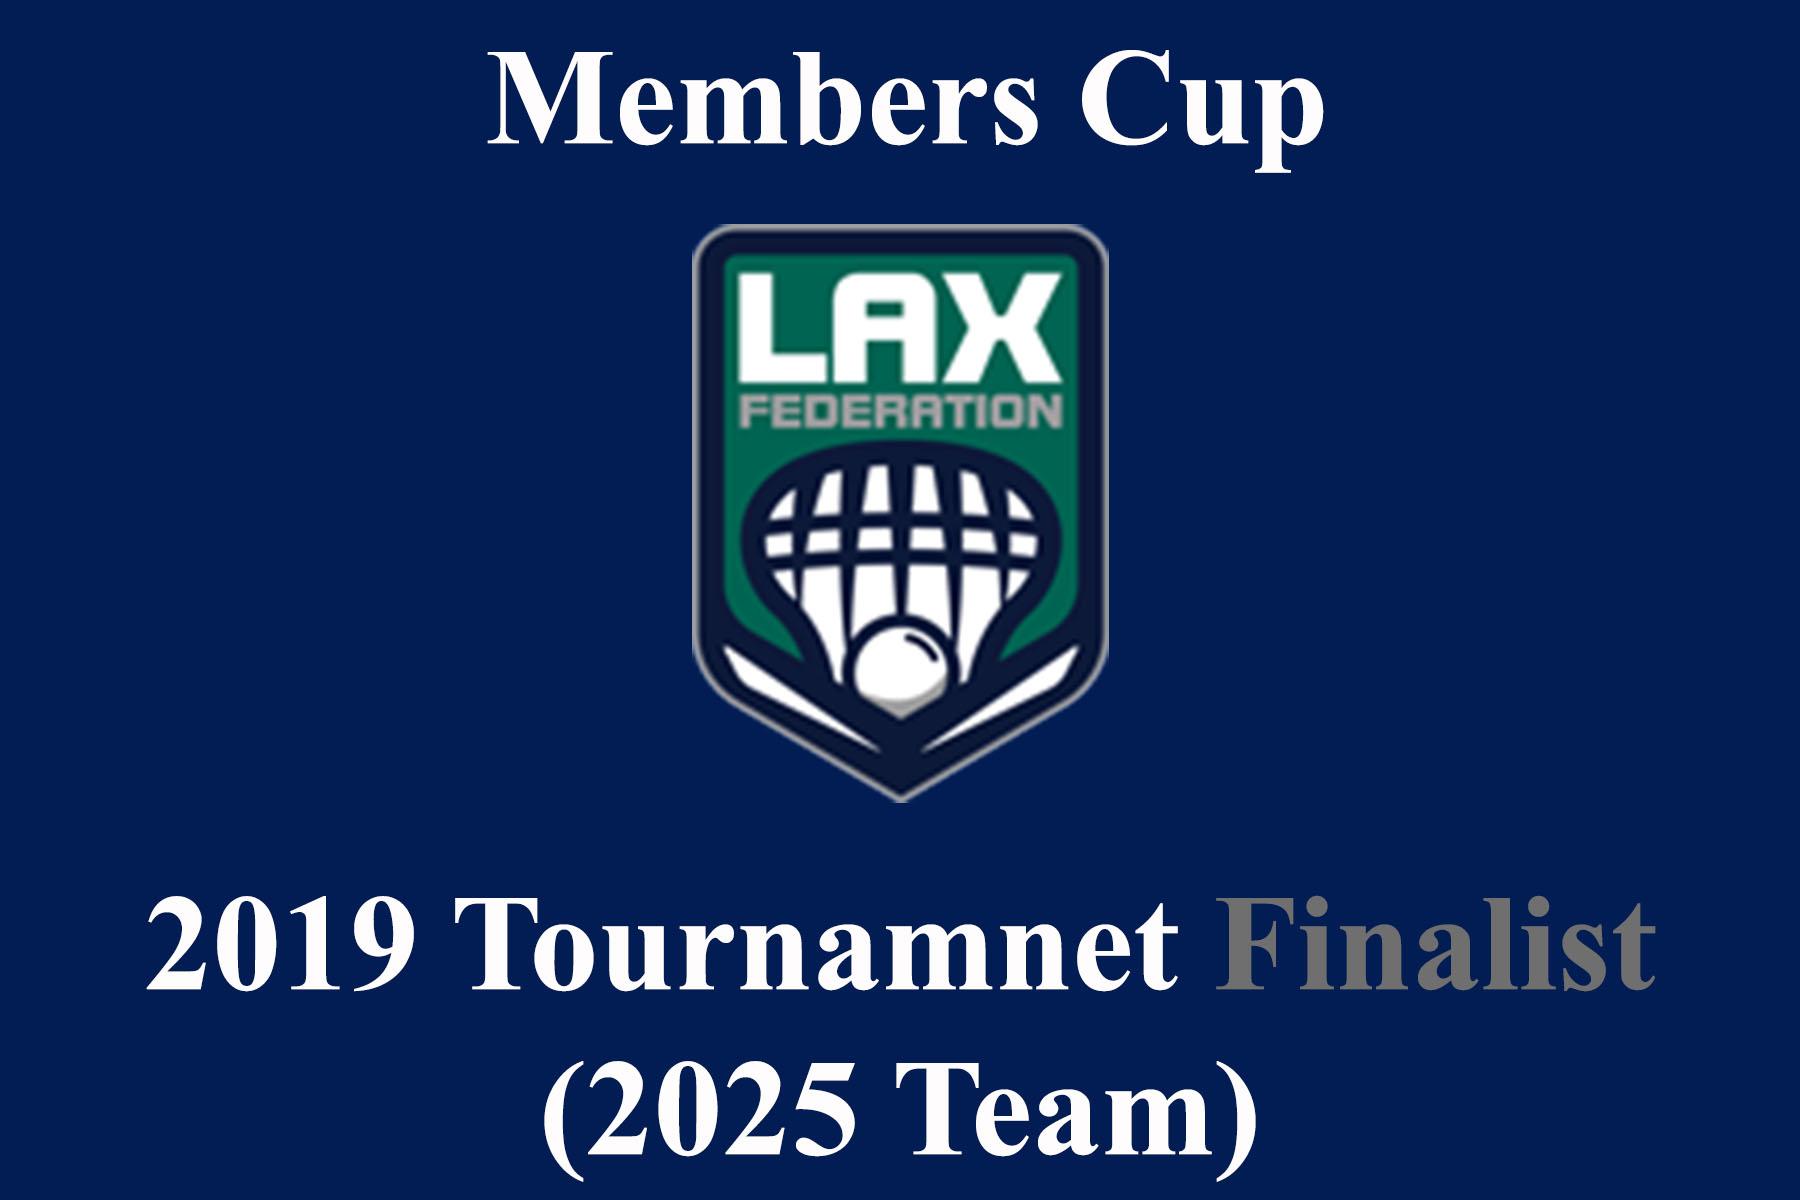 Members Cup 2019 Finalist 2025